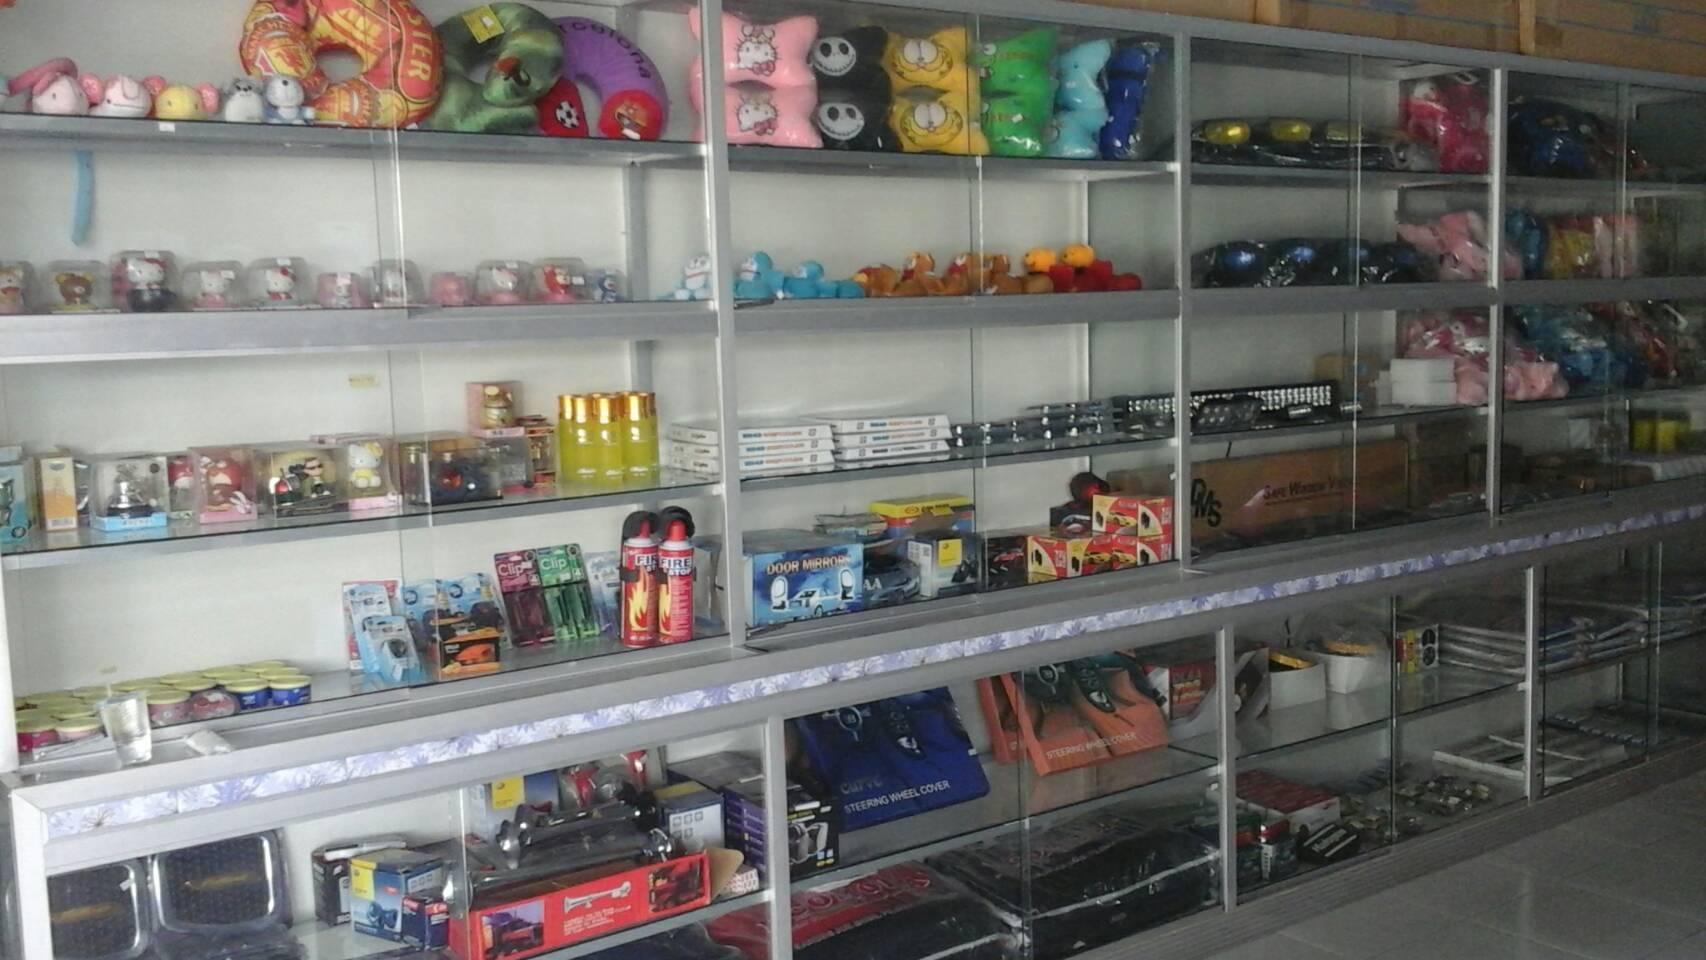 4880 - Bengkel Mobil Vava Pekanbaru | bengkel dan accessories mobil pekanbaru